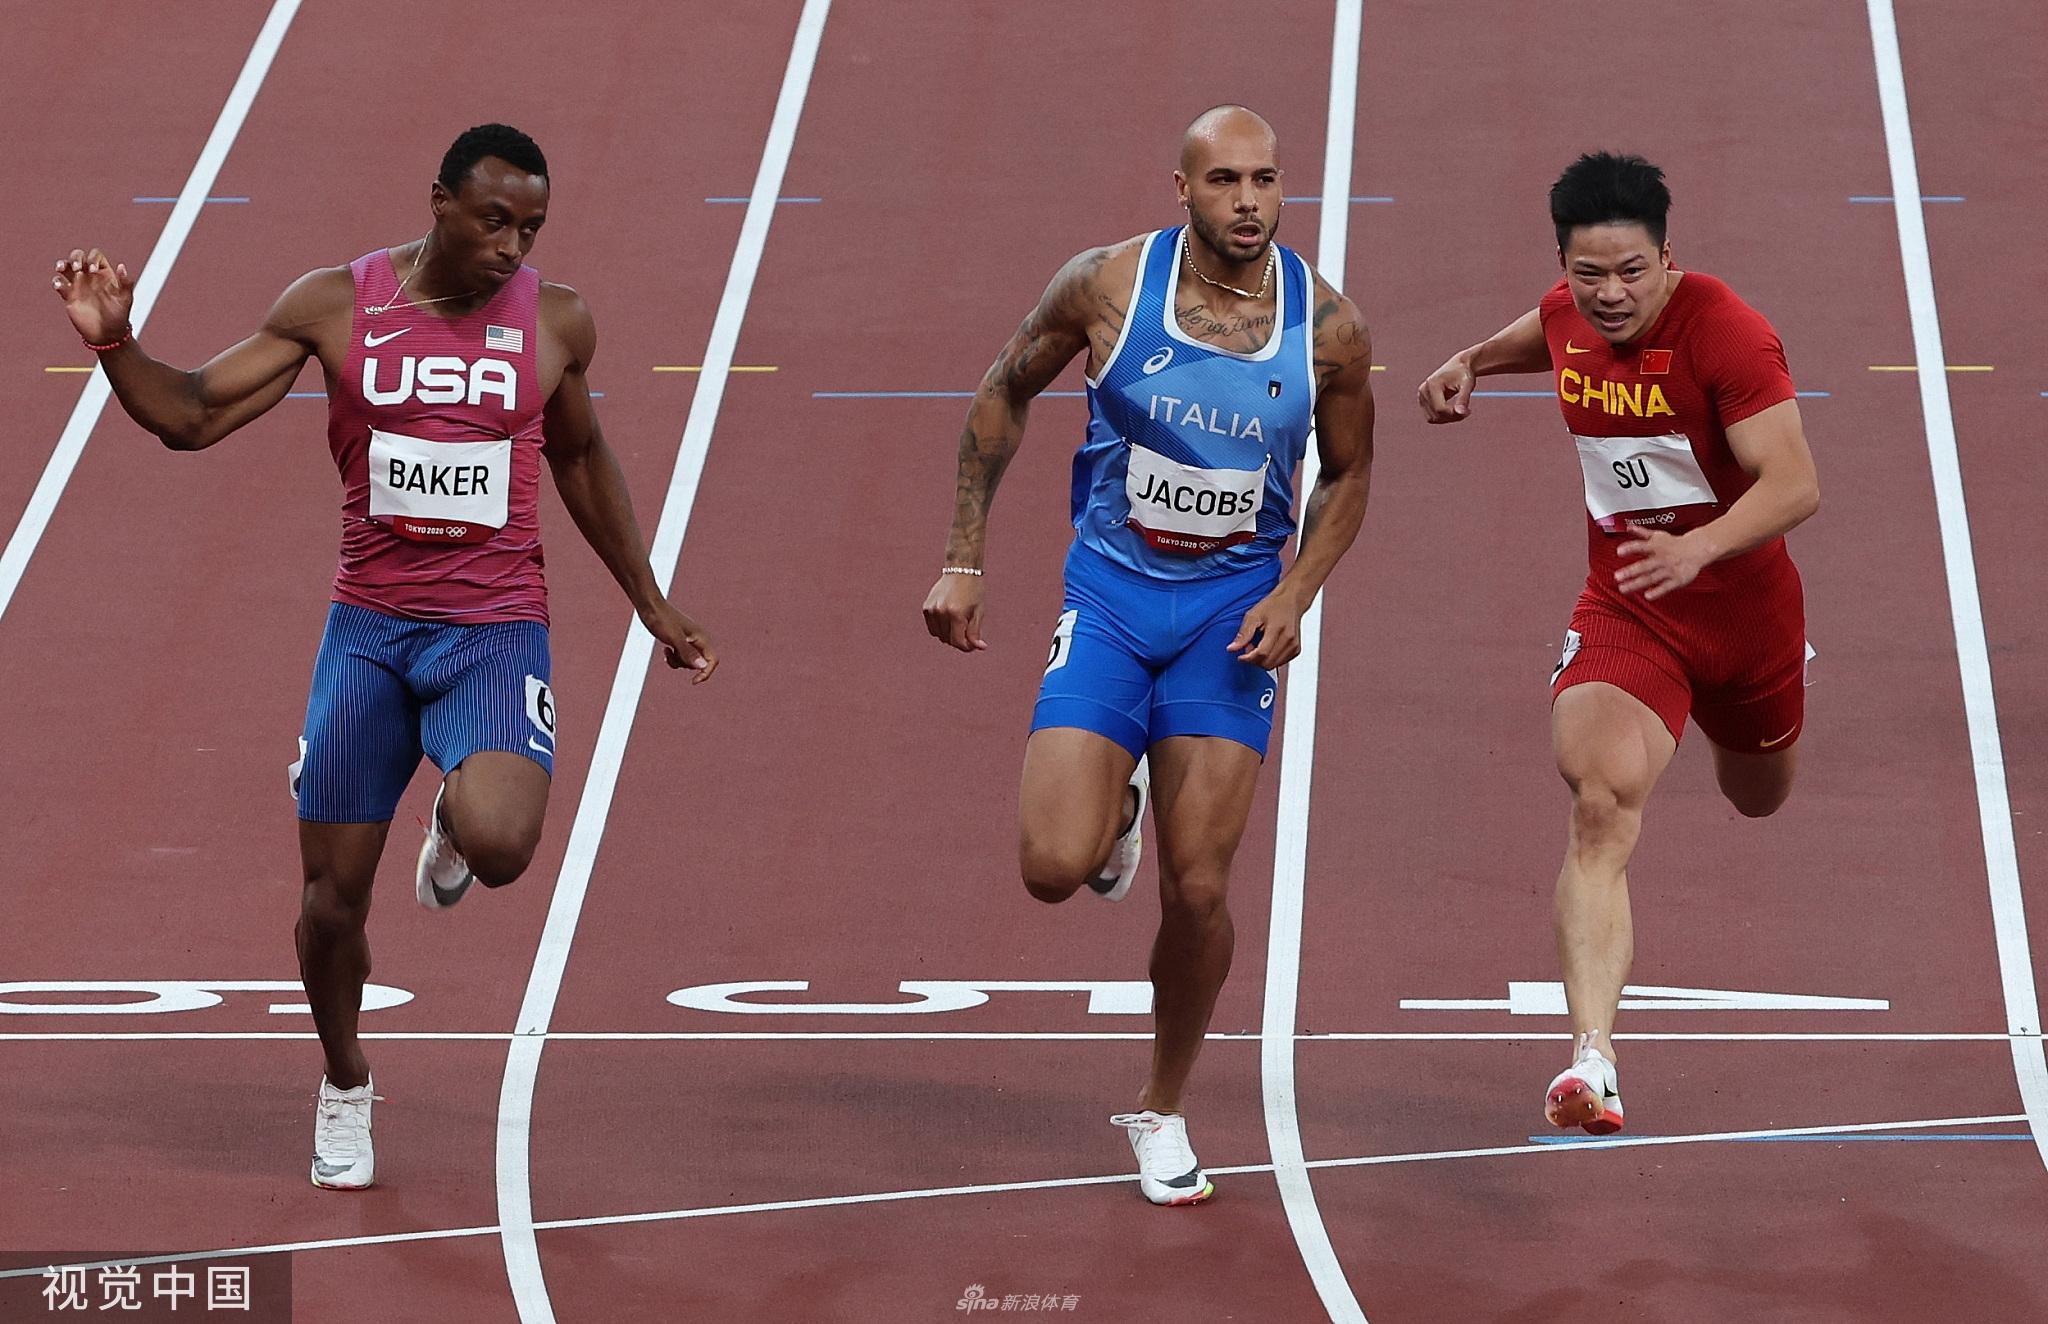 【博狗体育】苏炳添:半决赛曾被对手打手 没想到能跑到9秒83